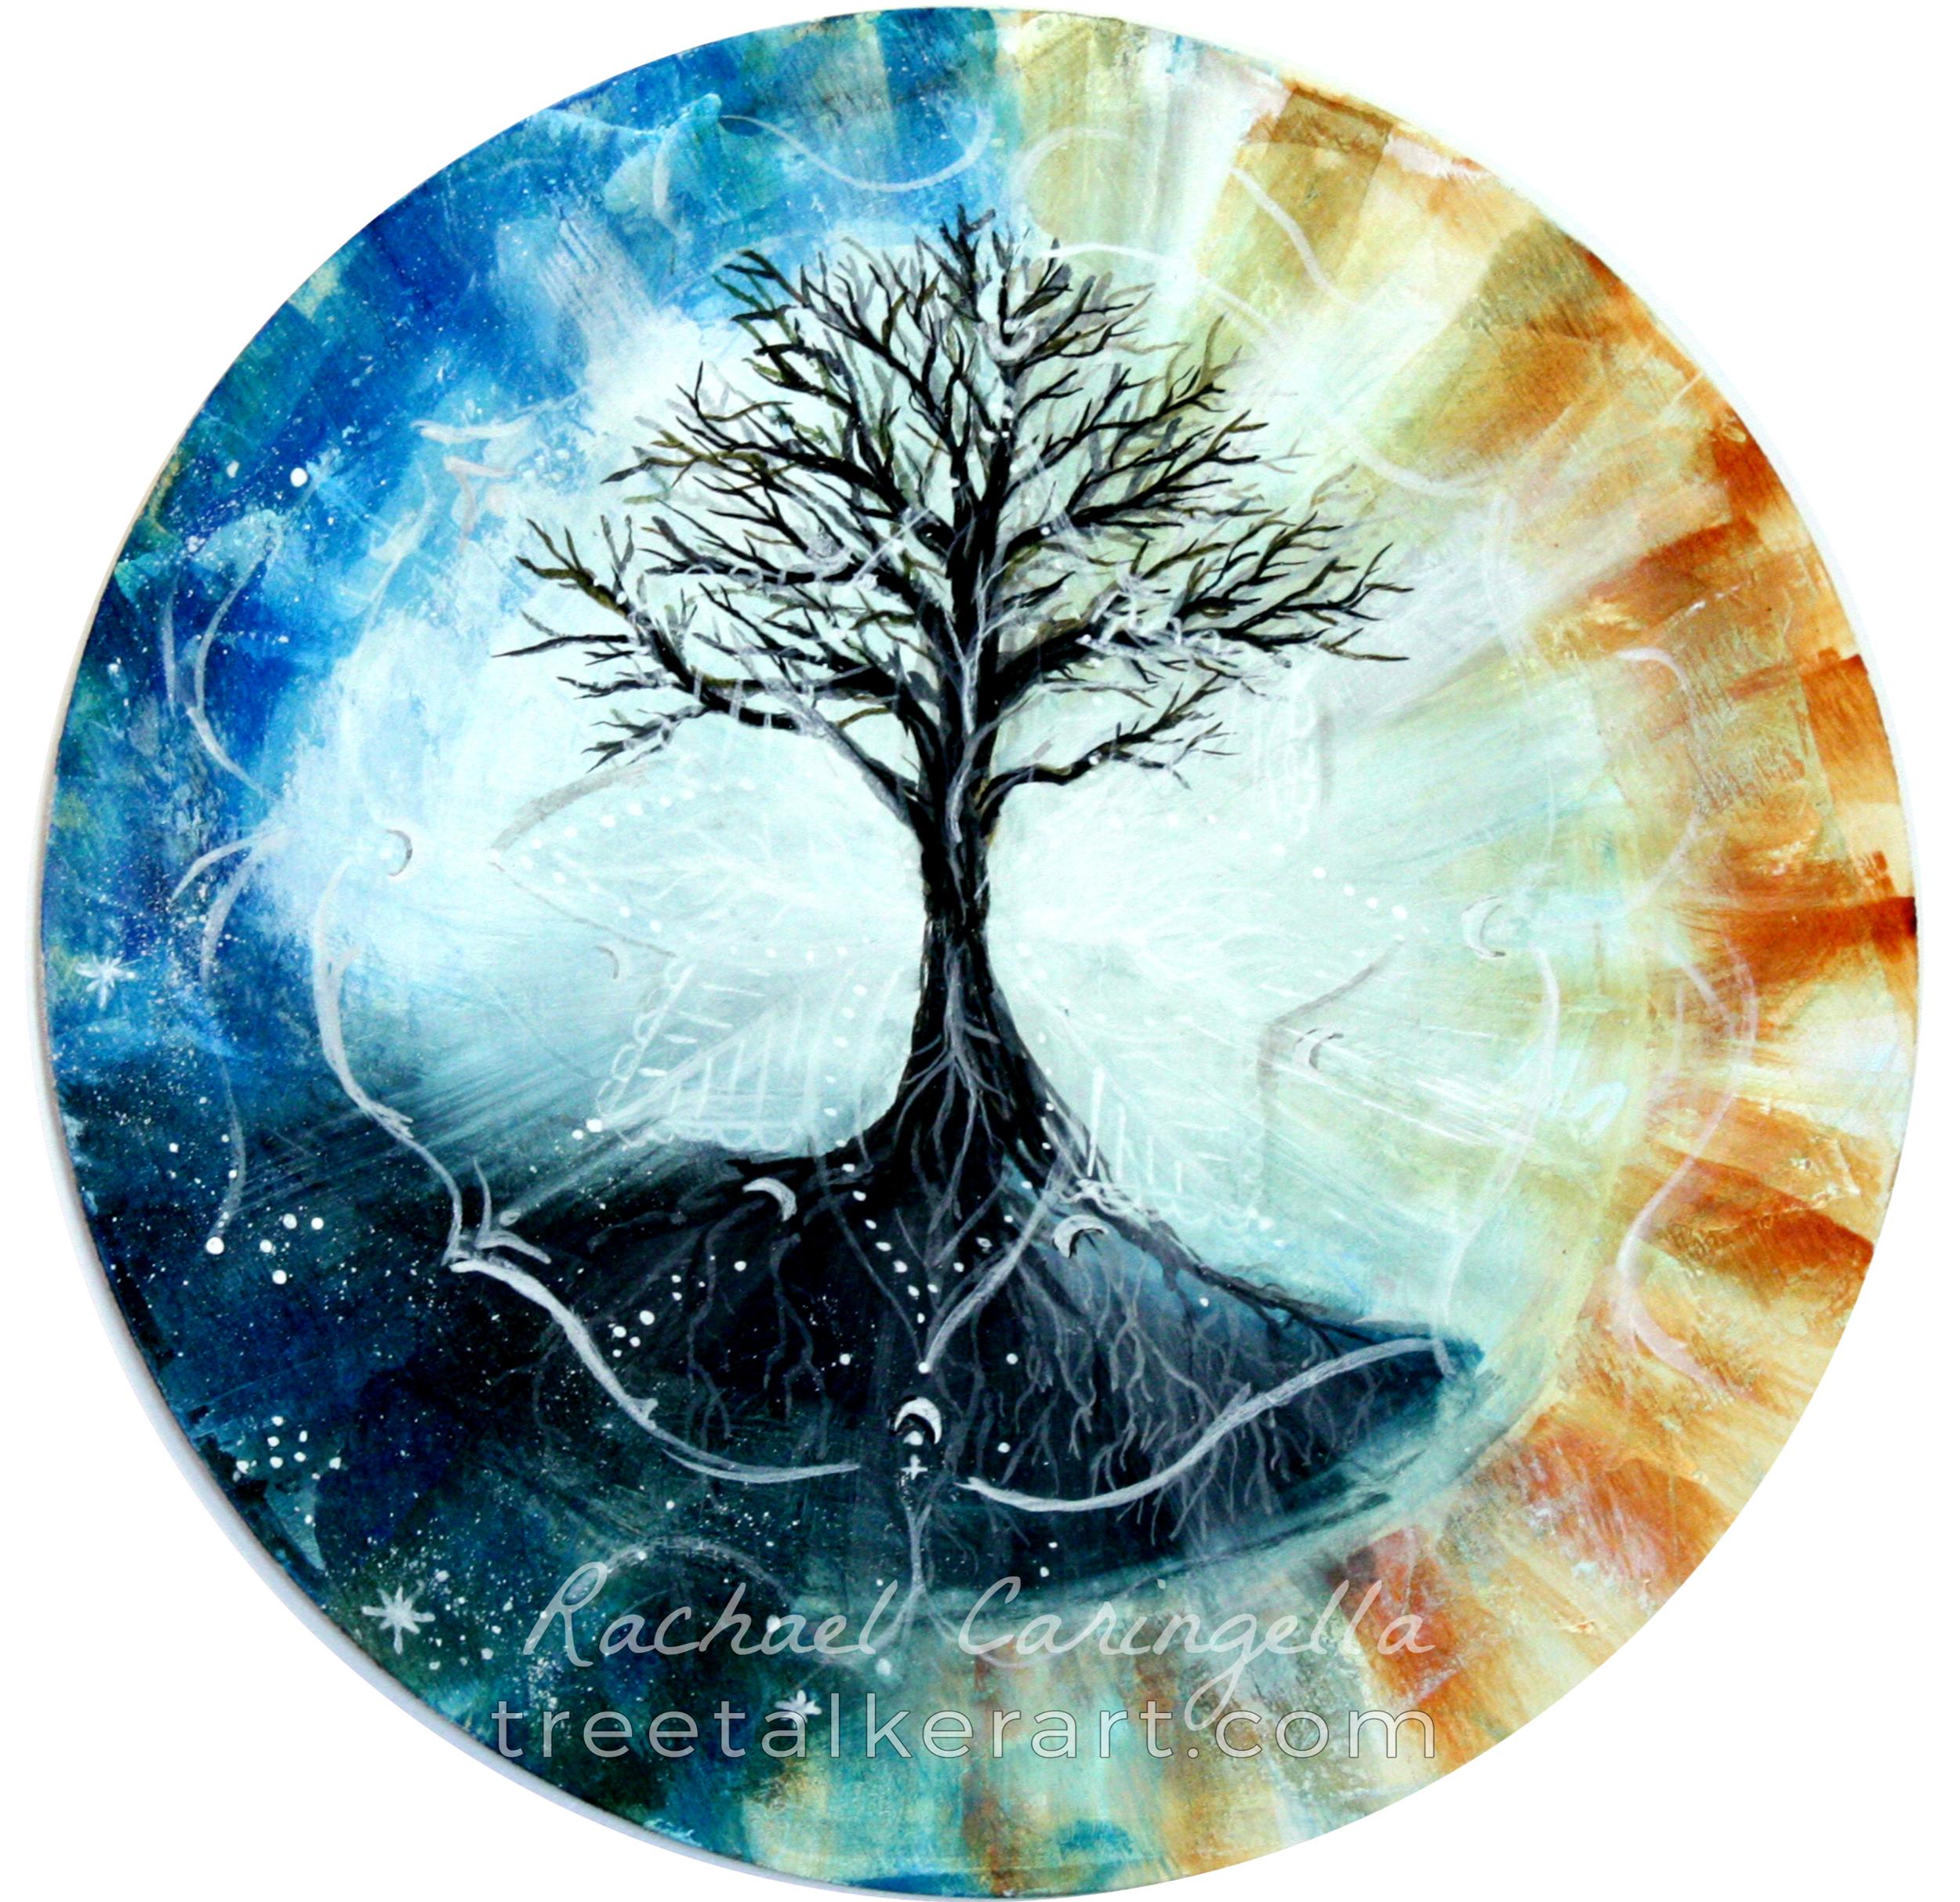 TreeMandalaWatermark.jpg